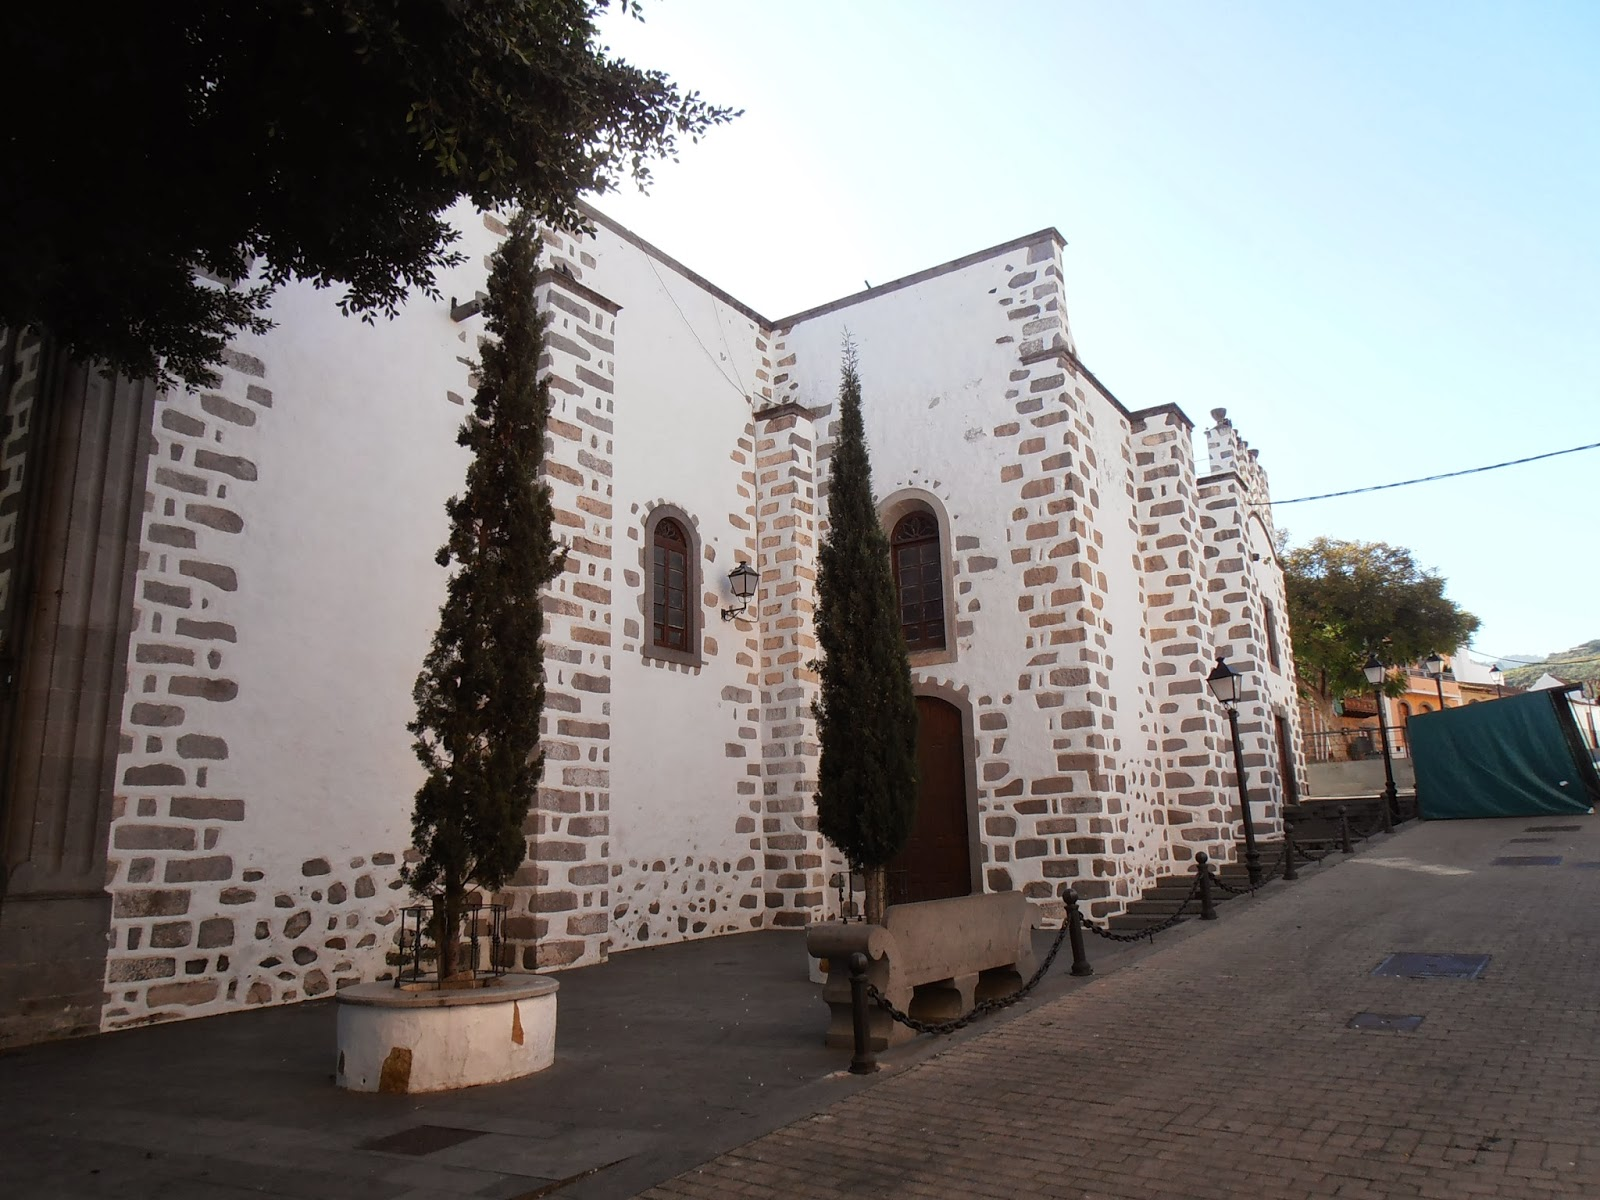 Iglesia de Valsequillo